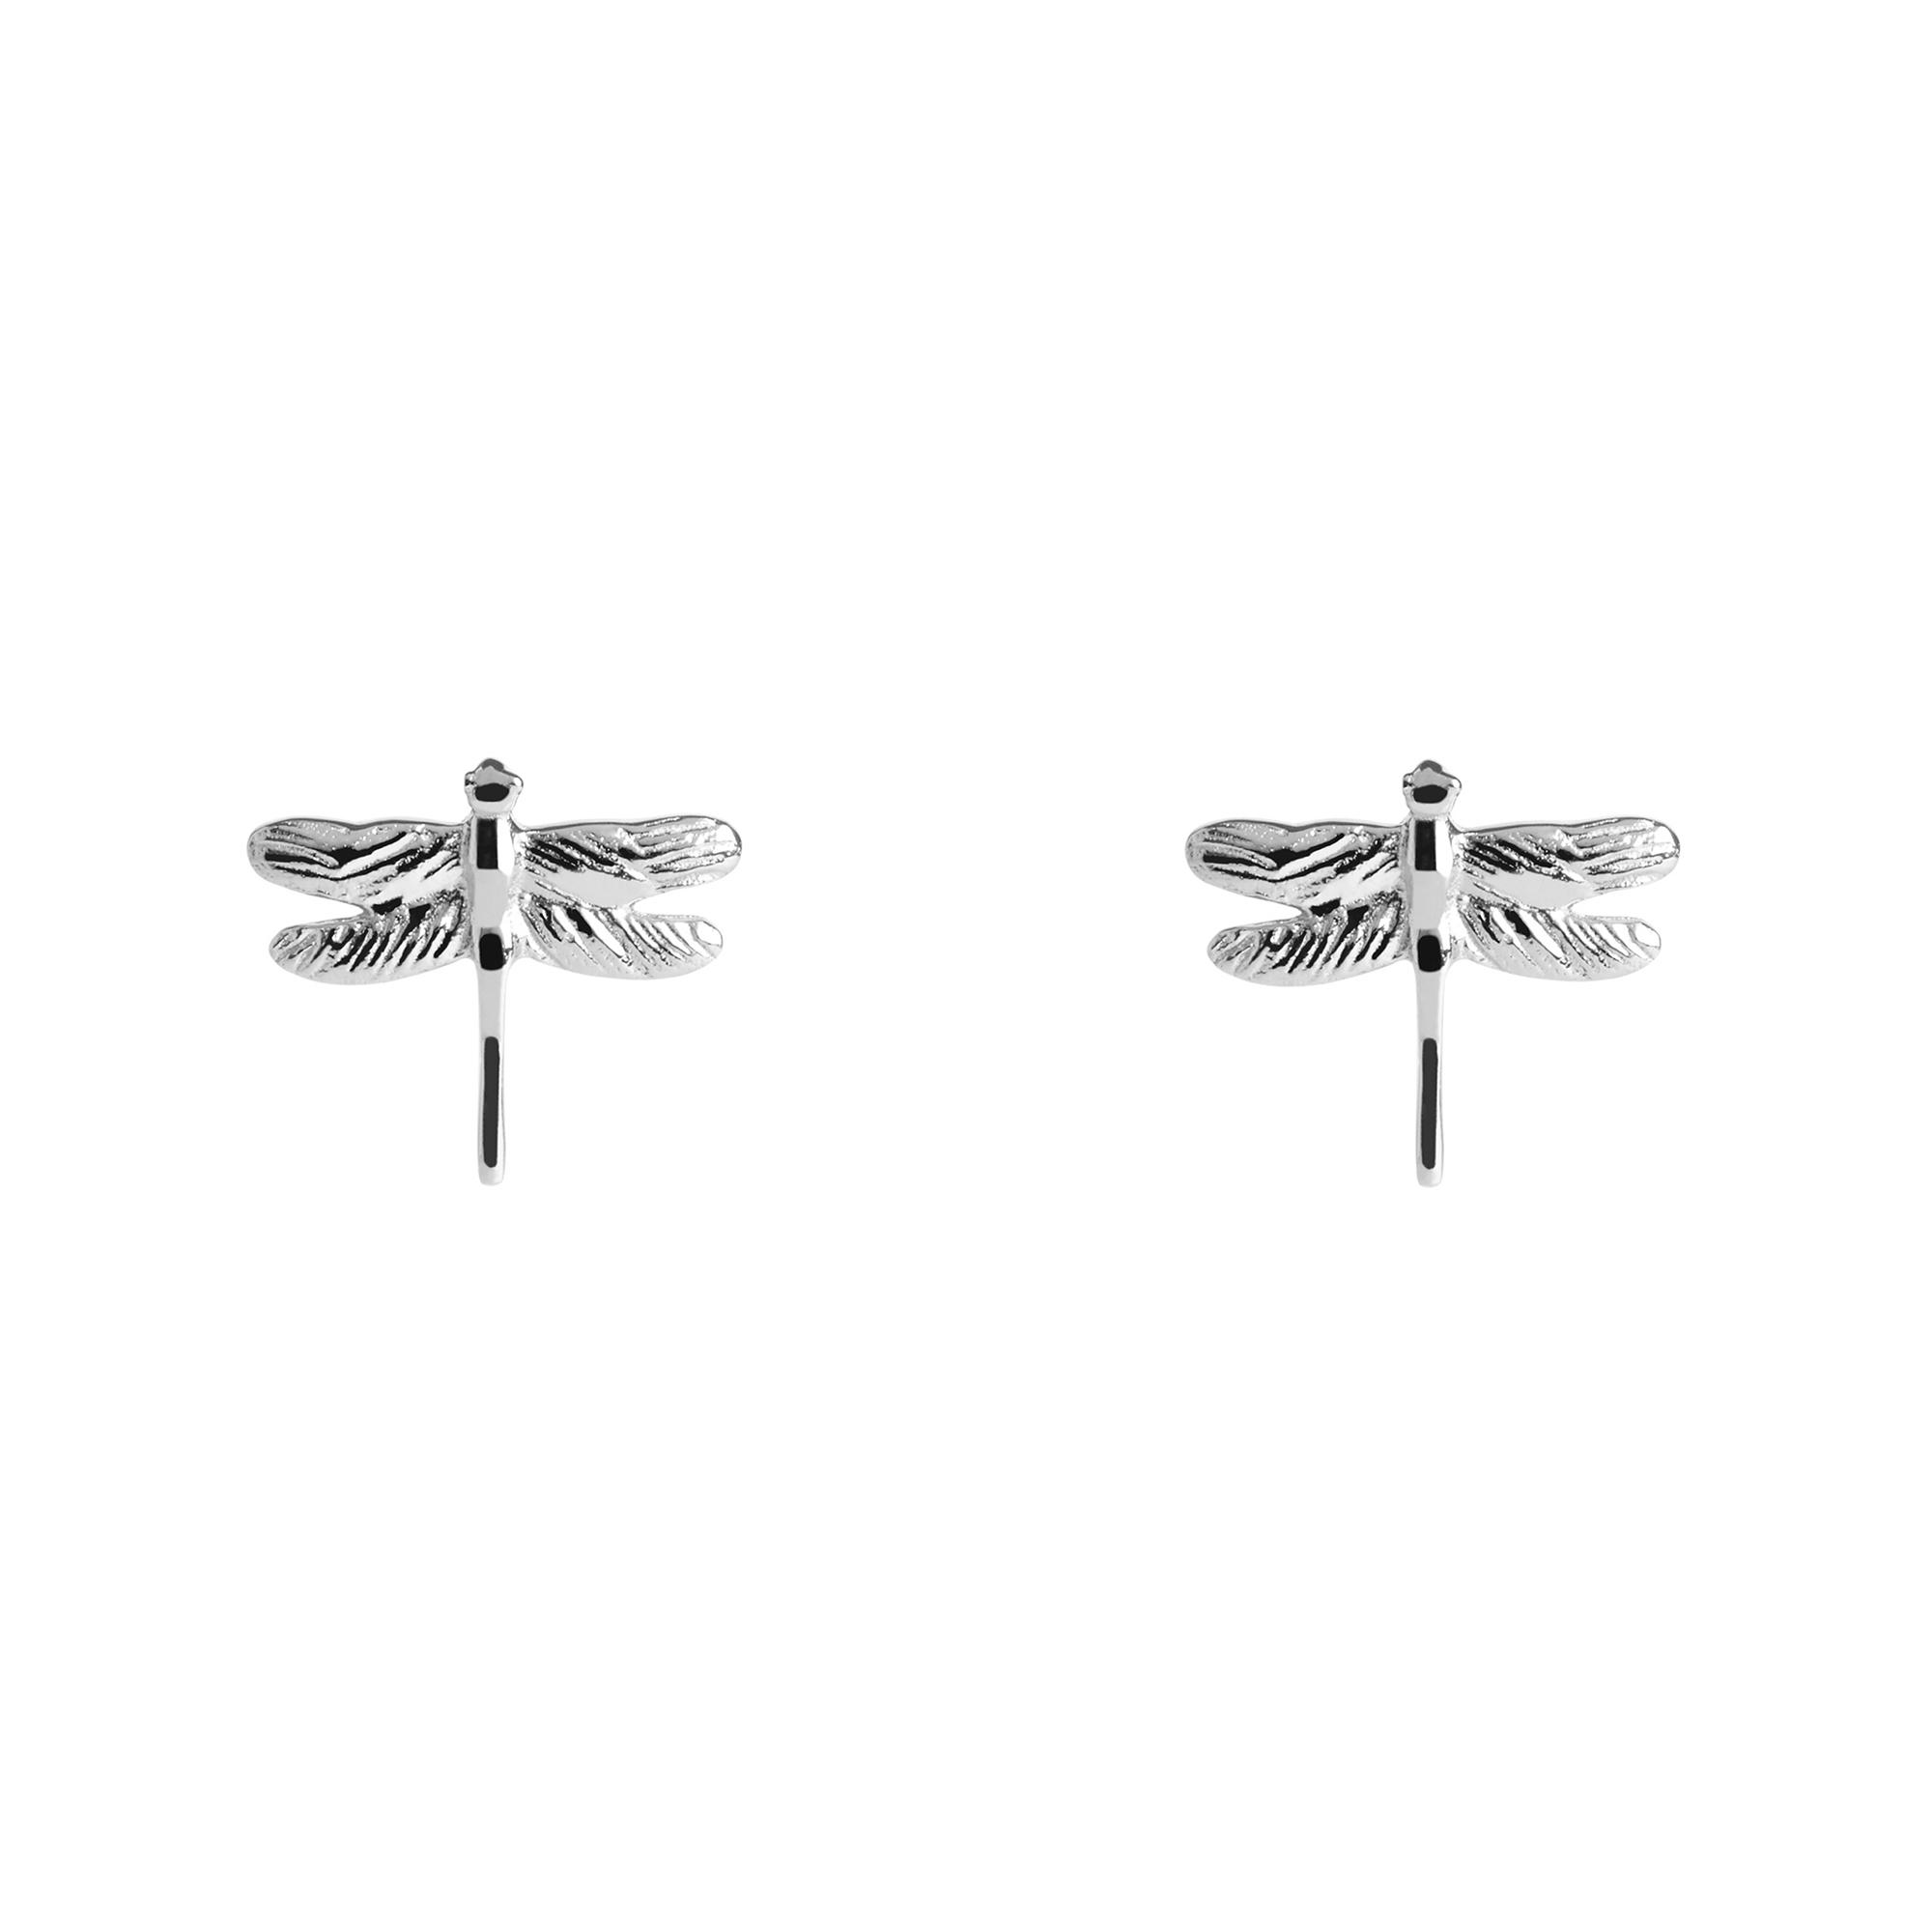 Muru Dragonfly Stud Earrings Silver